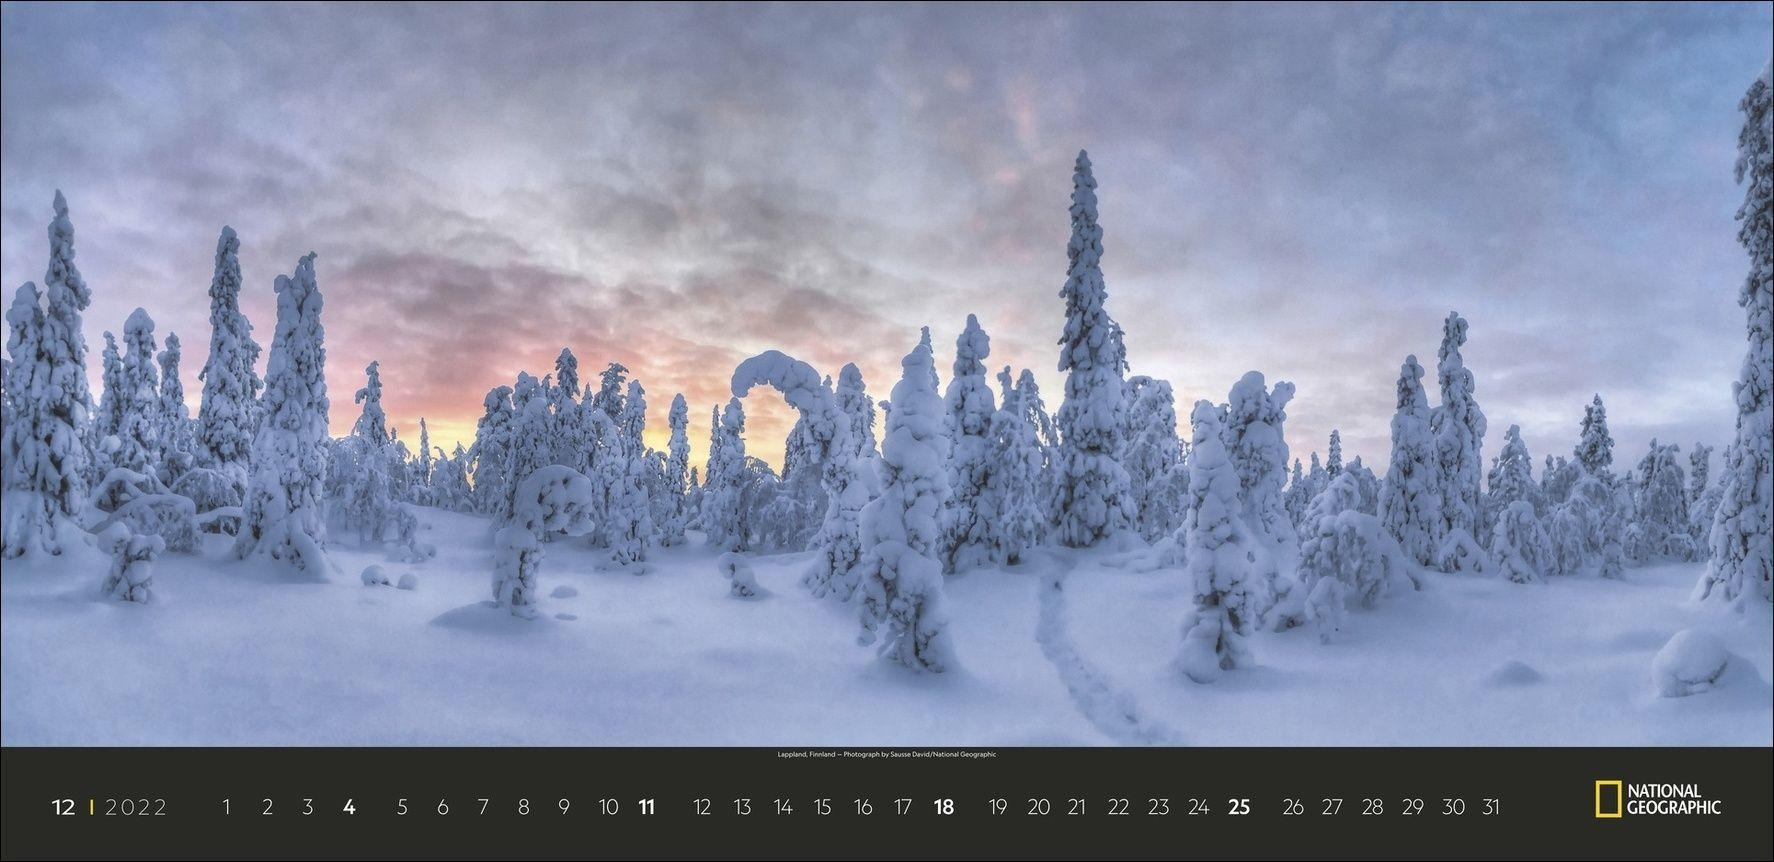 Die Lichter des Nordens Panorama National Geographic Kalender 2022